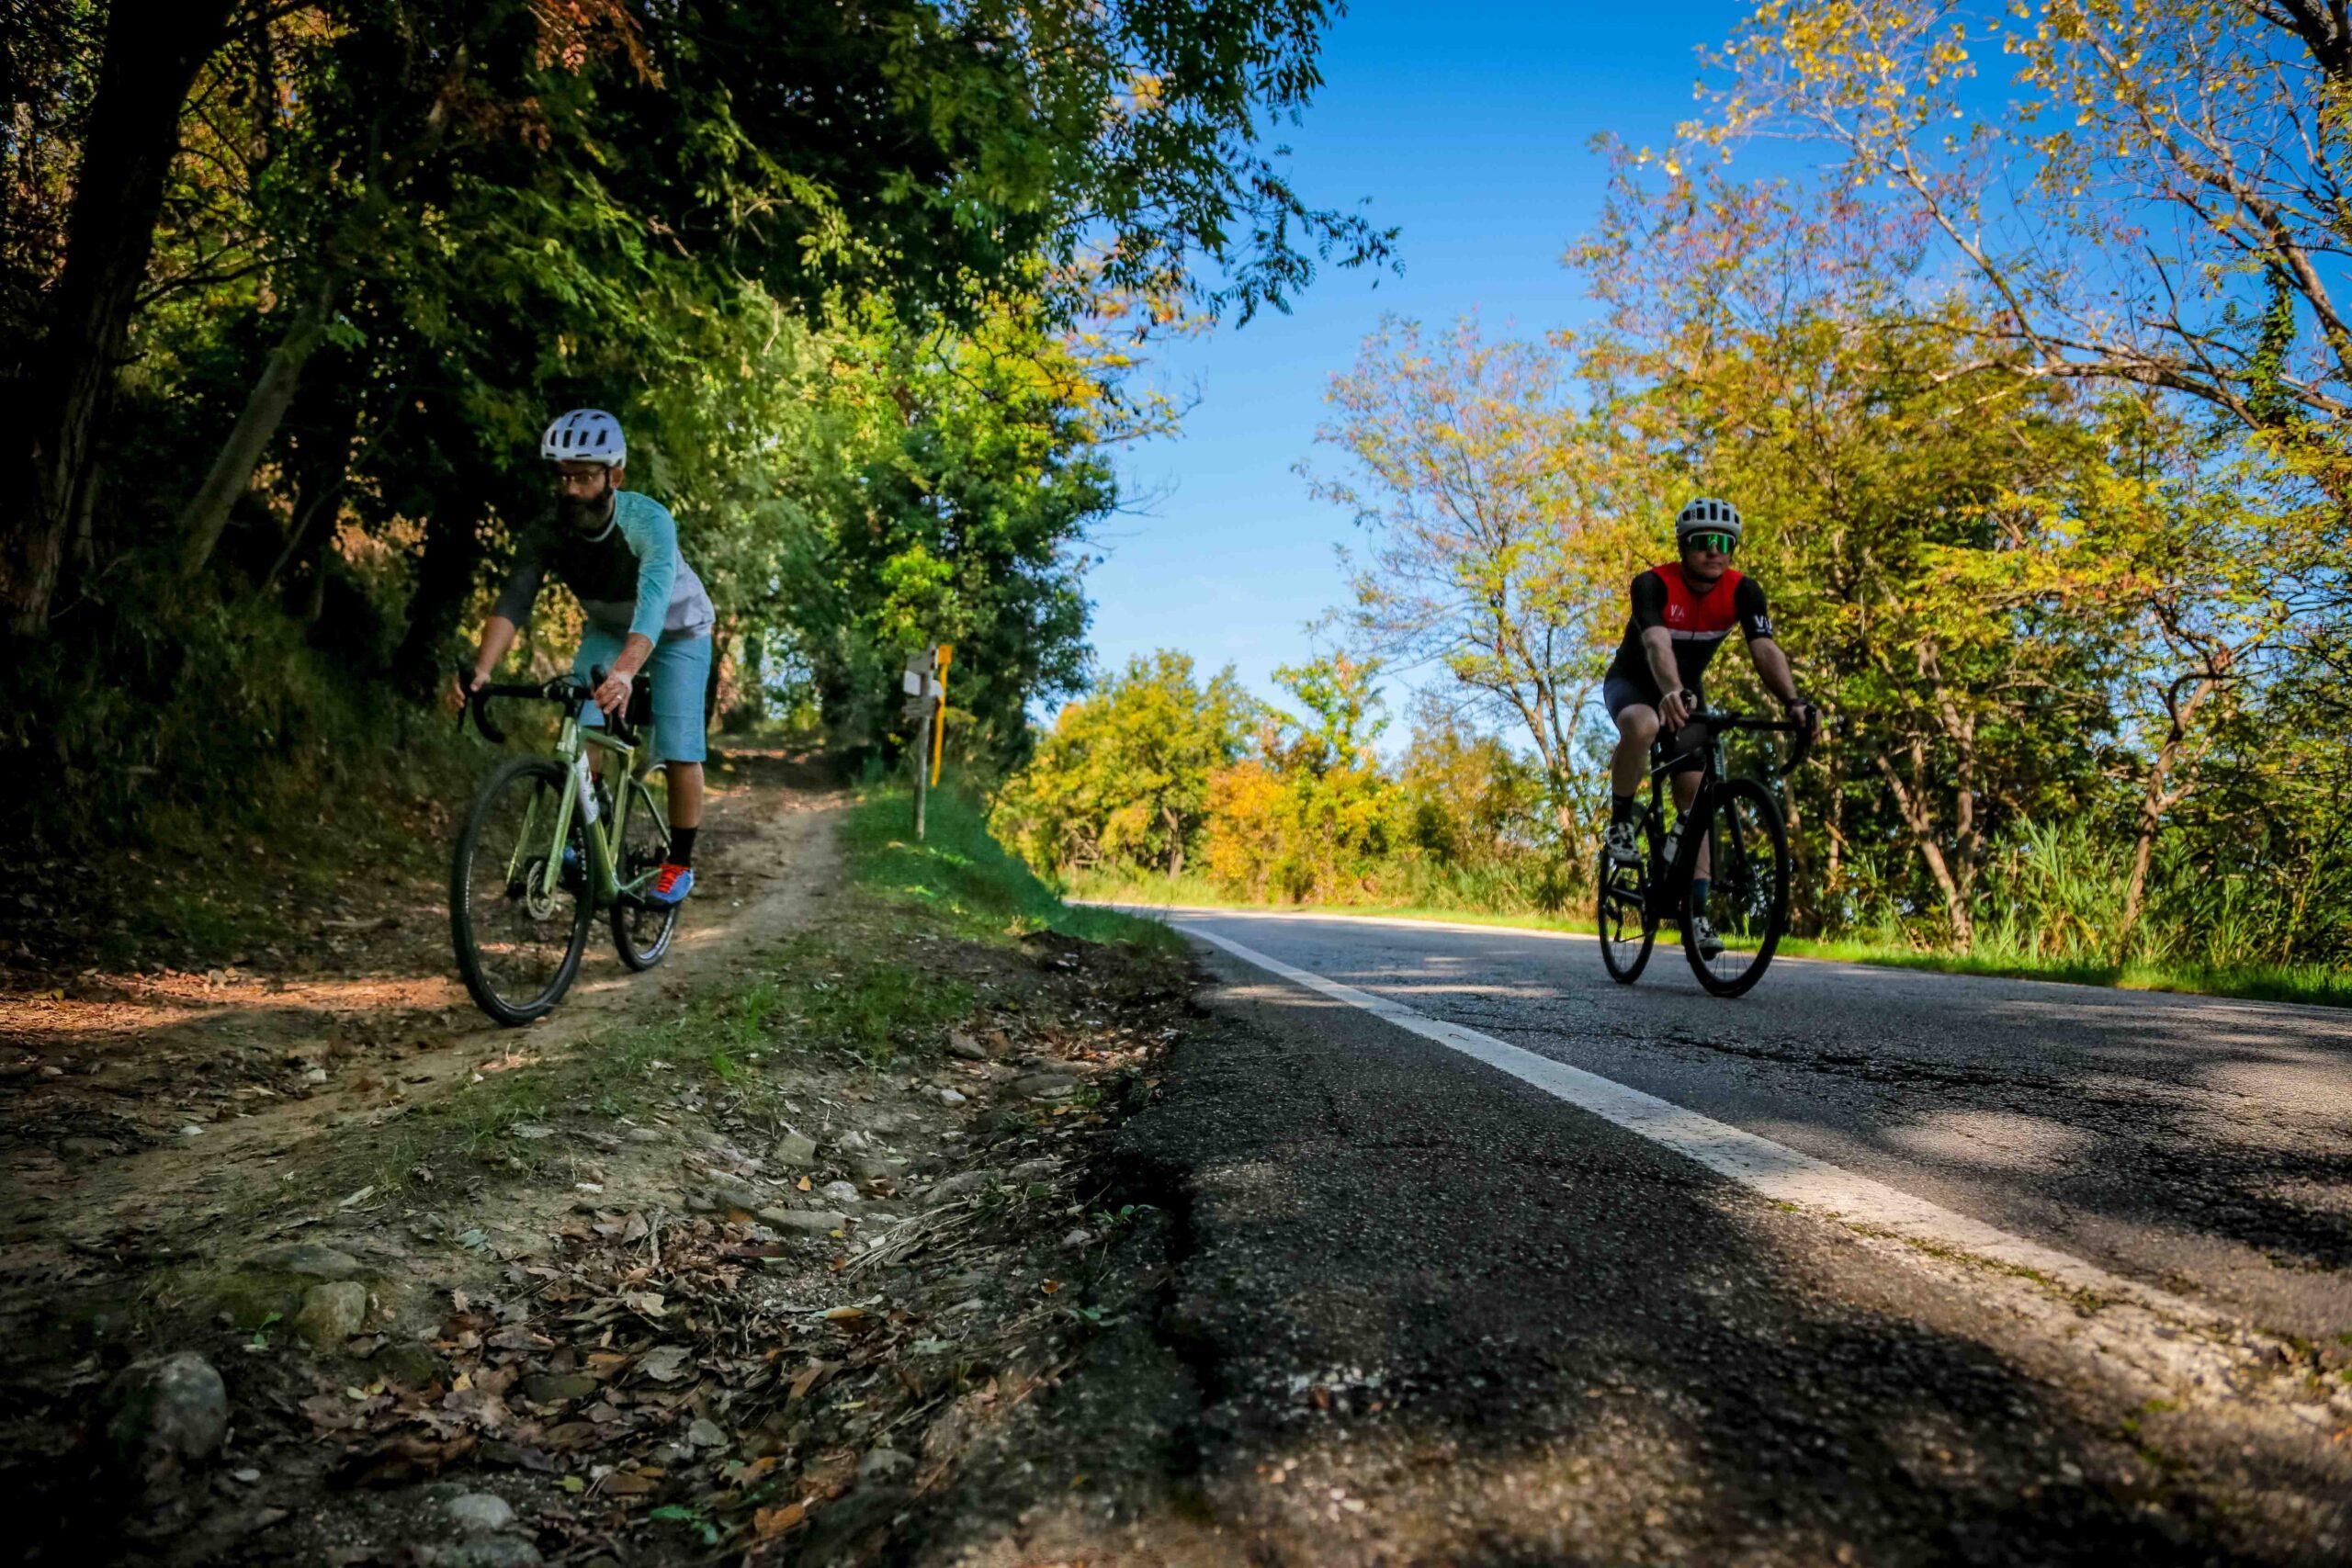 Via Panoramica 3T Gravel Bike versus Road Bike